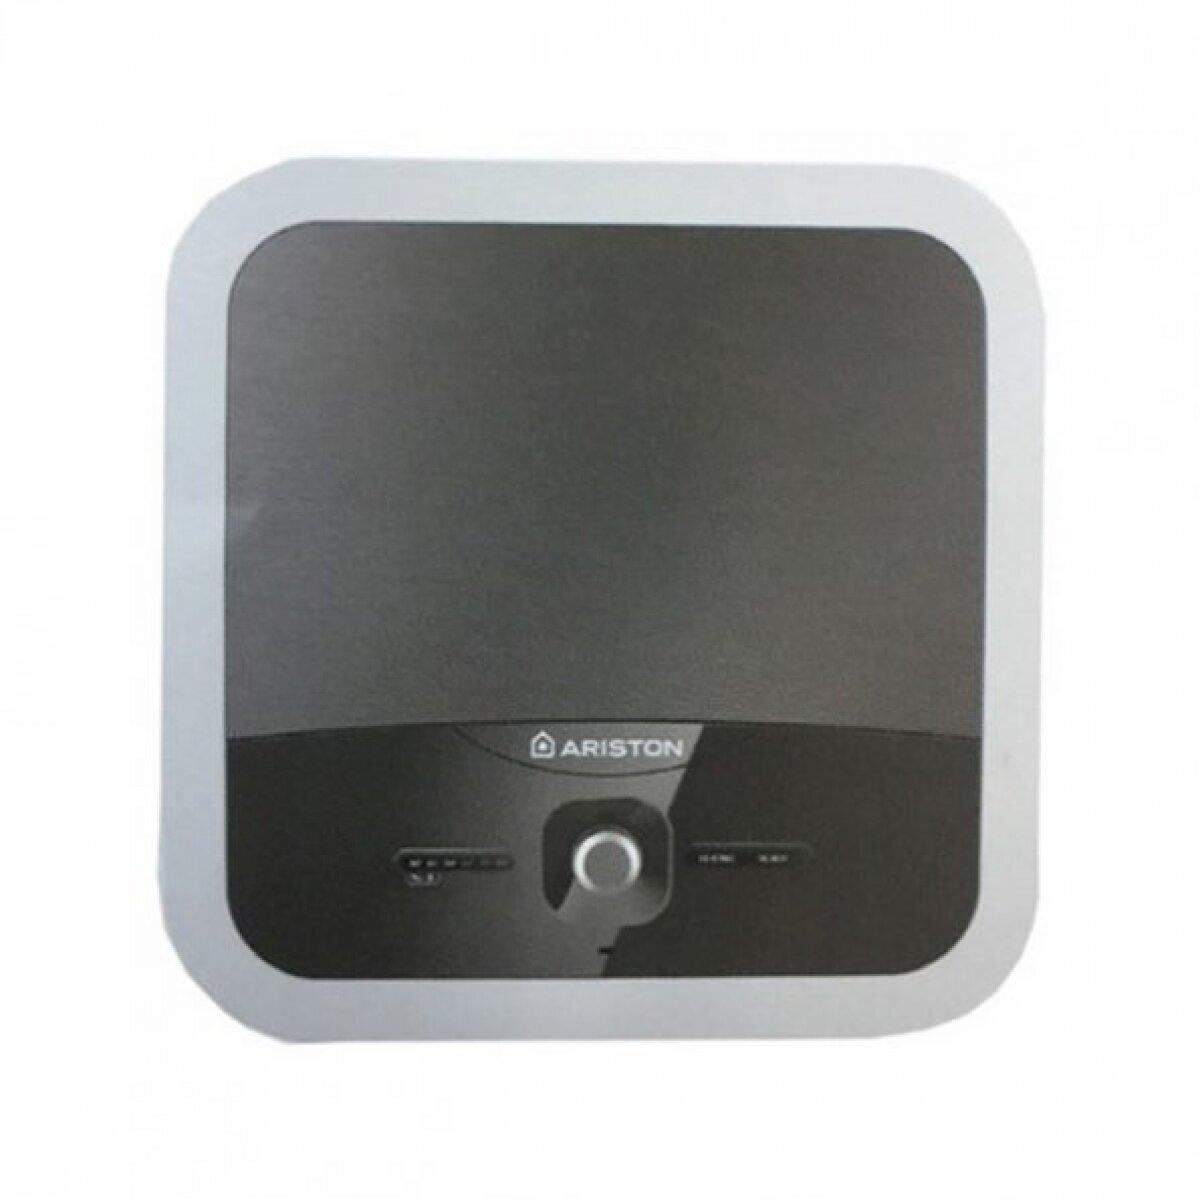 Bình nóng lạnh Ariston Andris2 30LUX - 30 lít